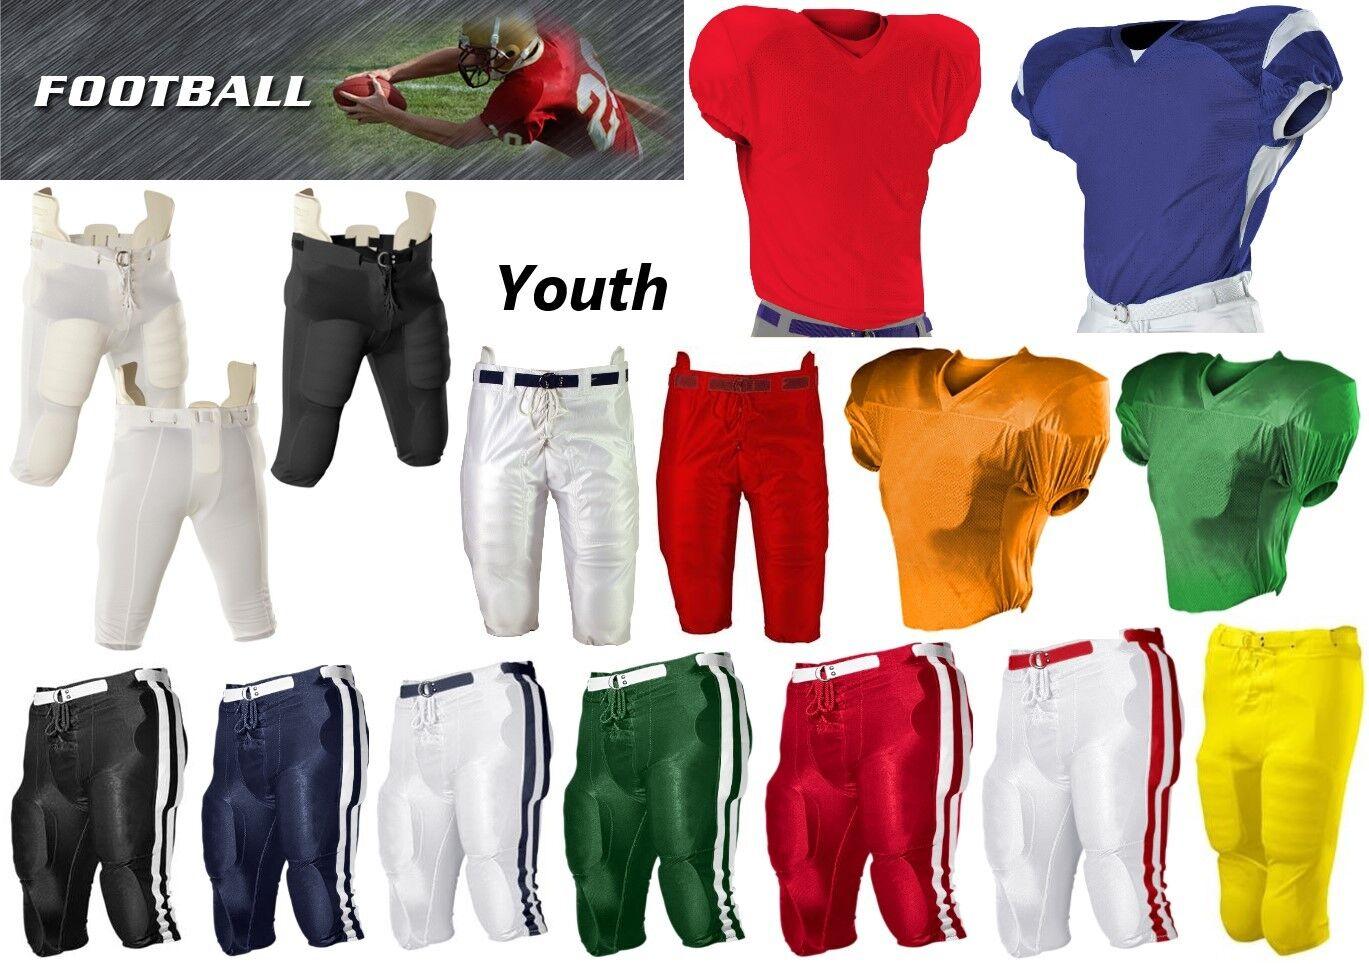 Boy's Youth Sizes S-XL Football Jerseys & Pants